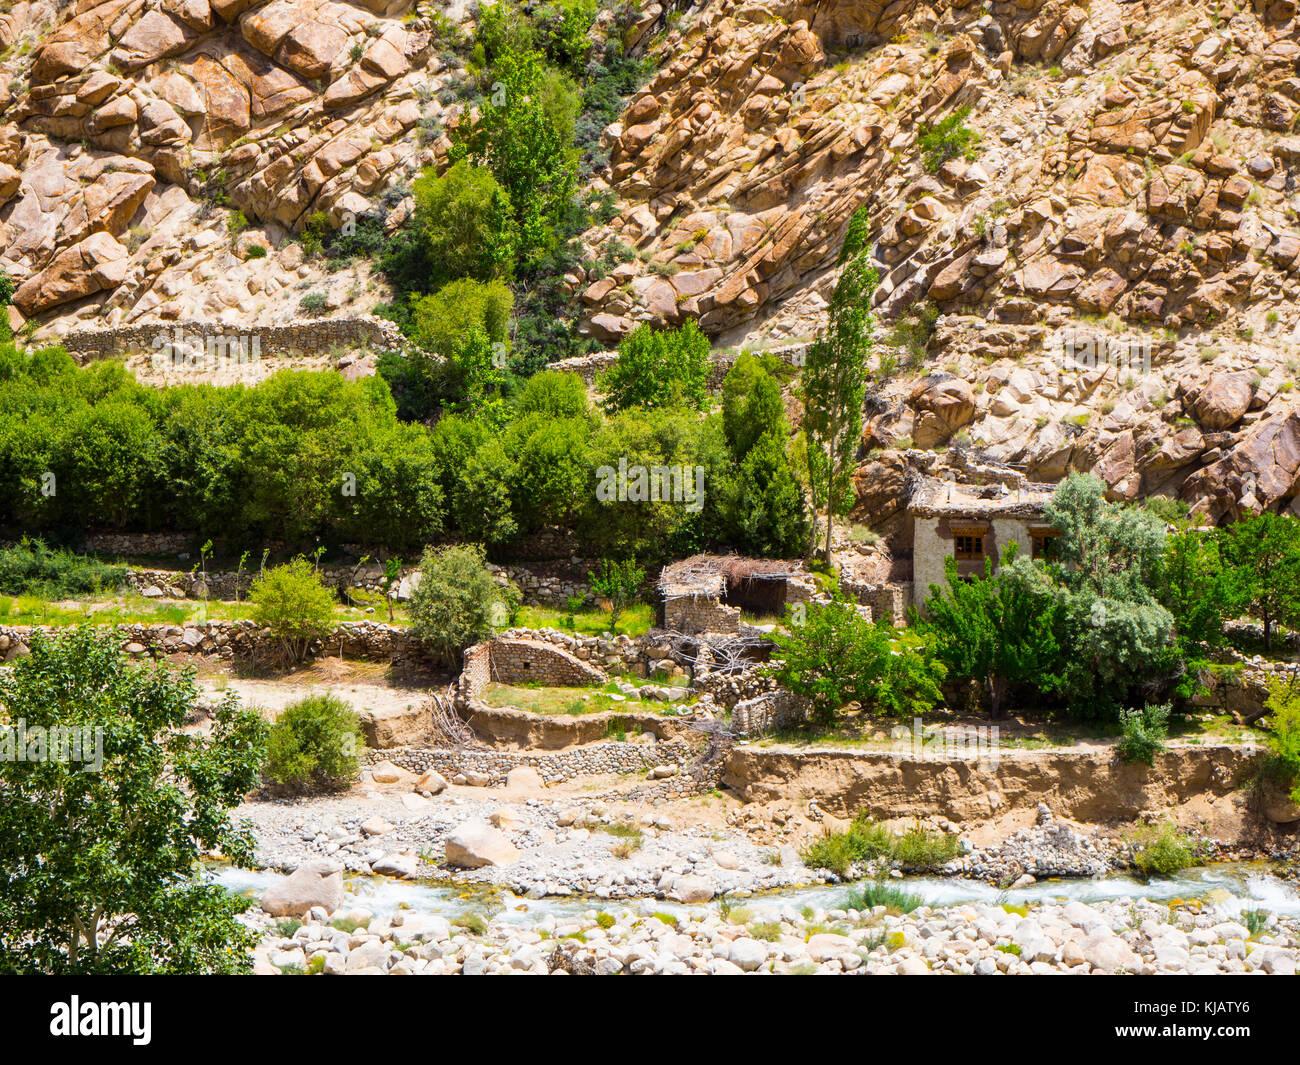 traditional house - landscape - Ladakh India - Stock Image